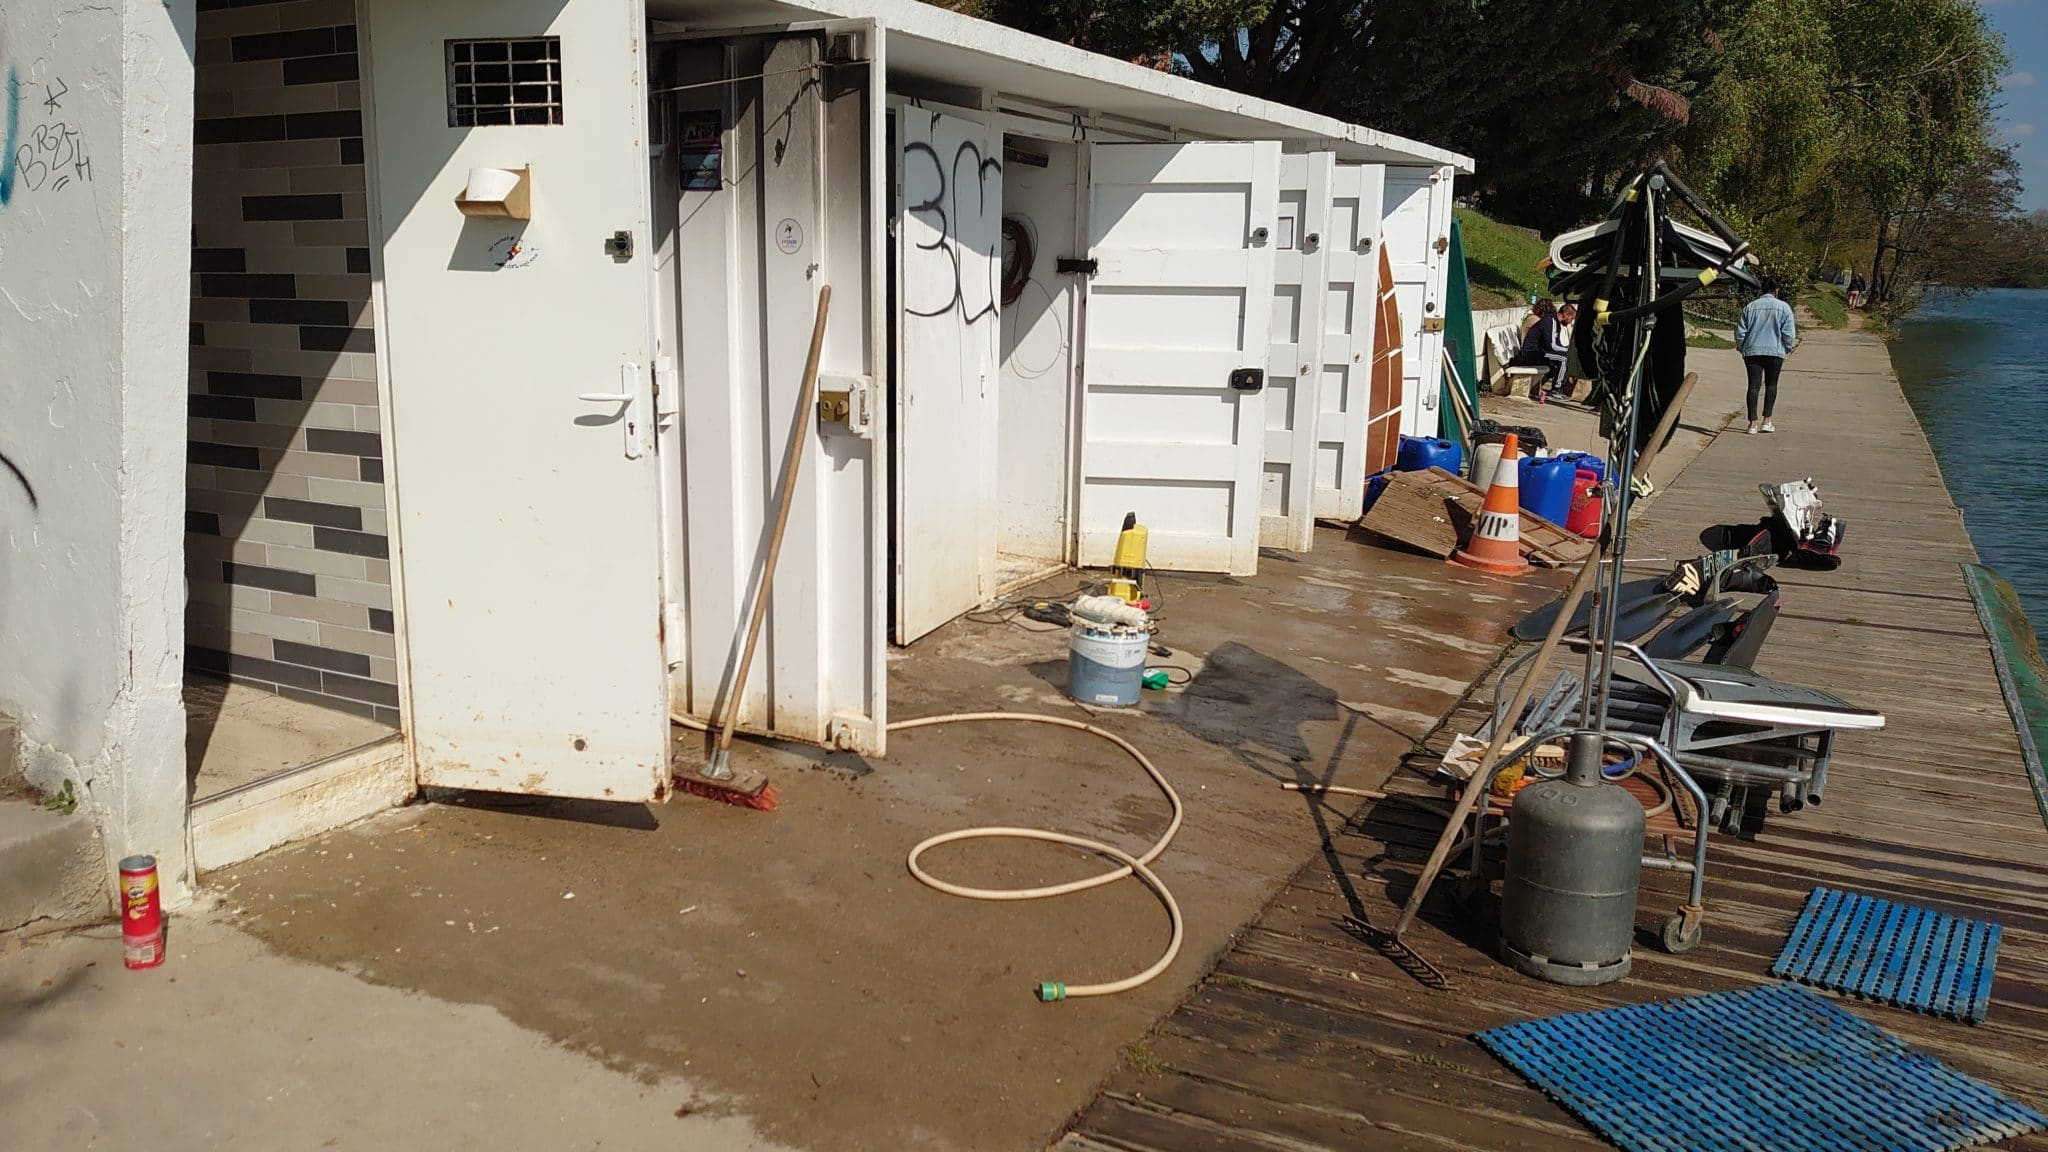 Nettoyage des cabines du Club de ski nautique et de wakeboard